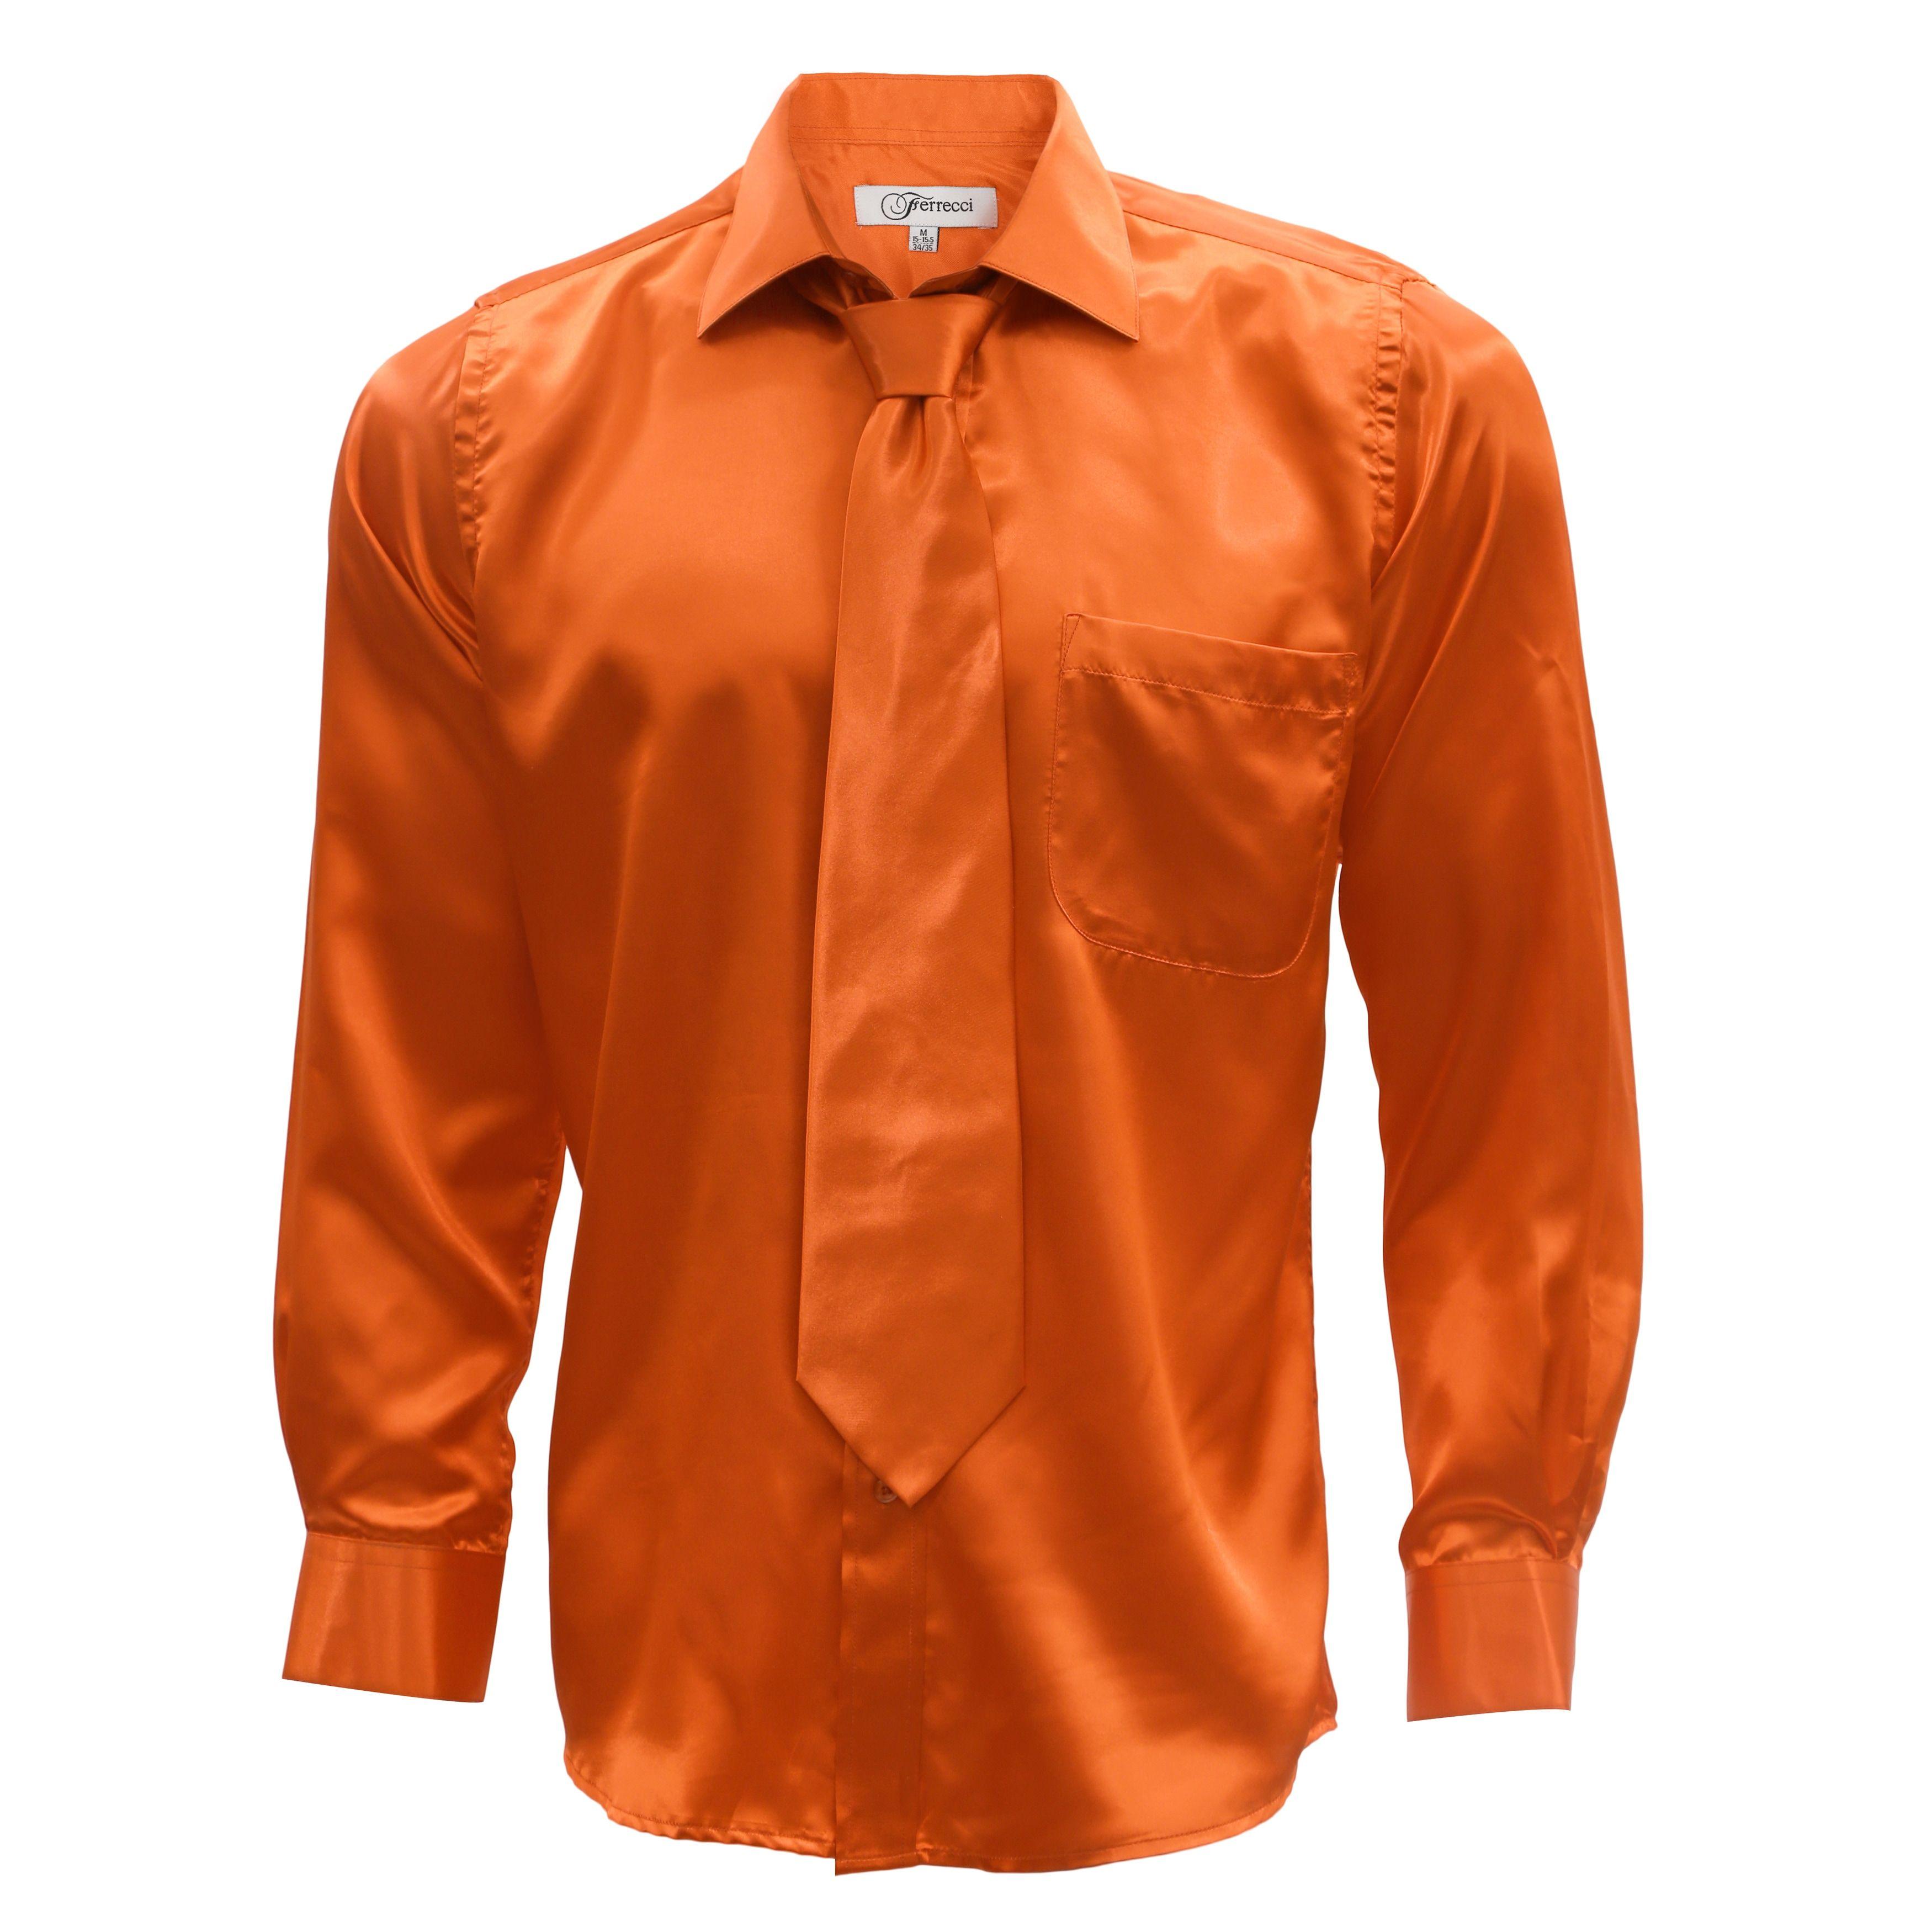 1e55a6f82b434e Ferrecci Men s Satin Dress Shirt